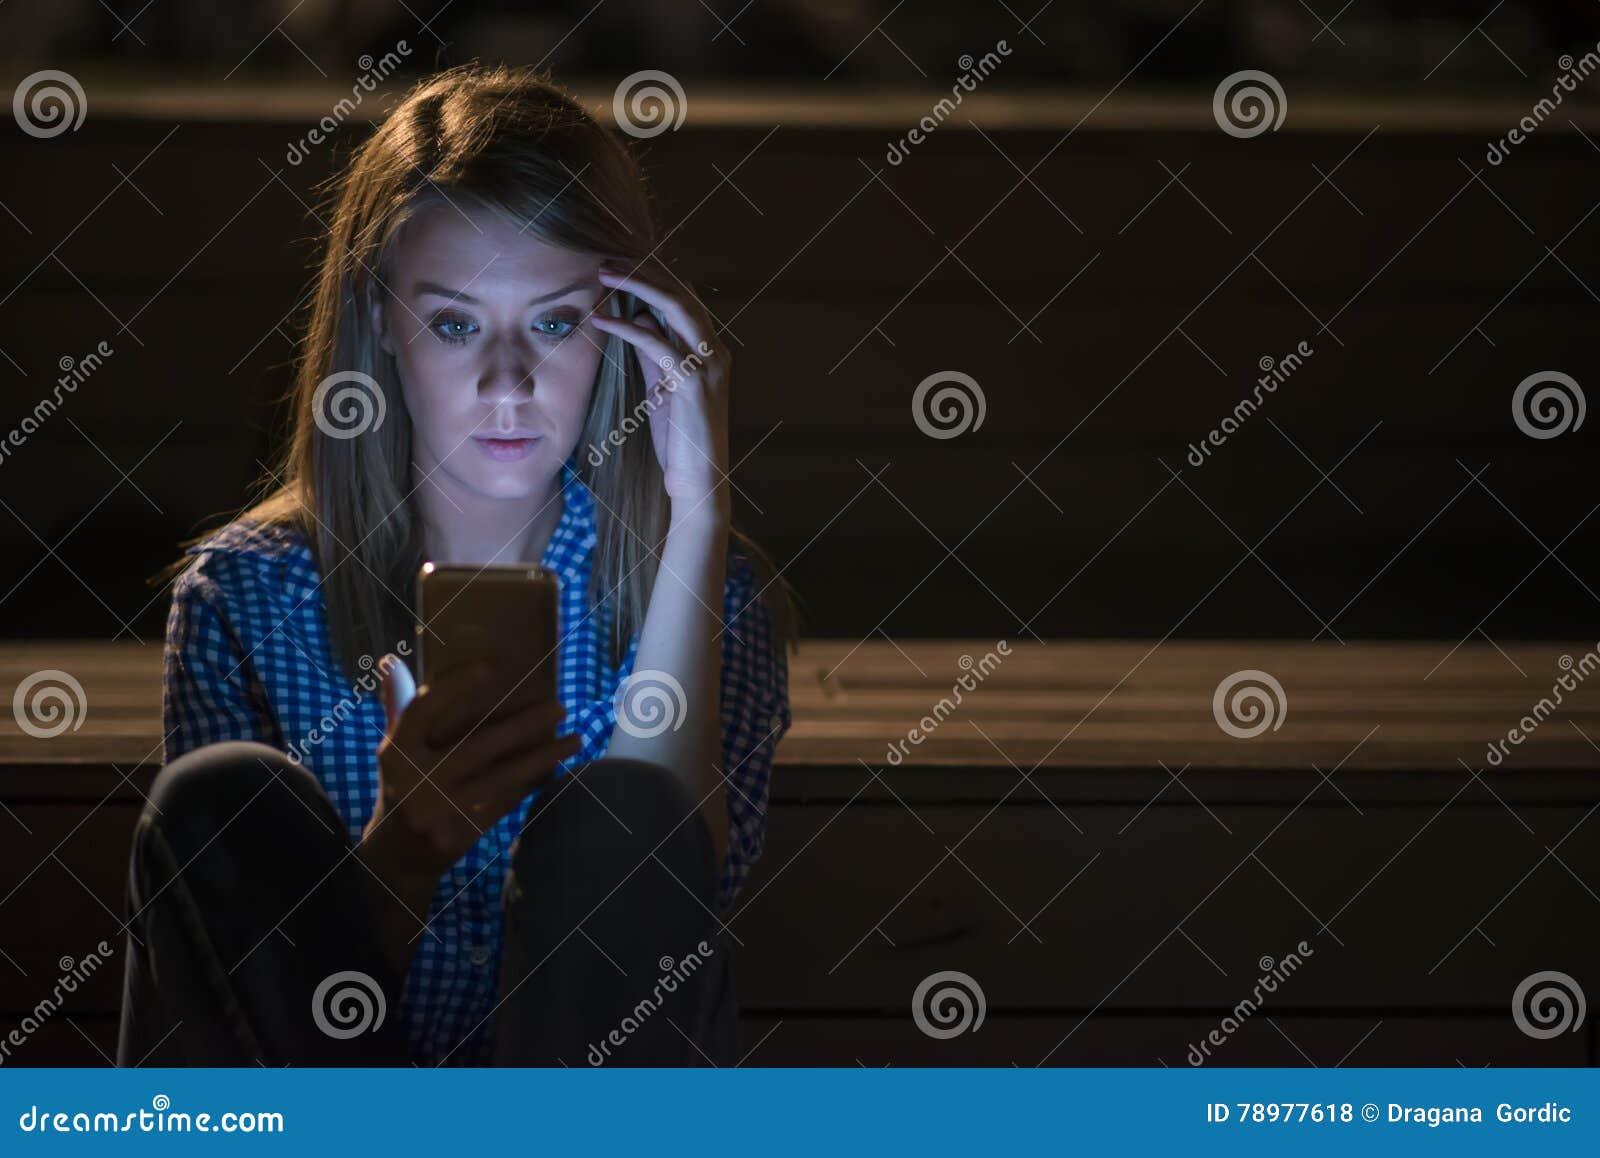 27   Beauty Sad Girl With for Sad Girl With Lamp  174mzq